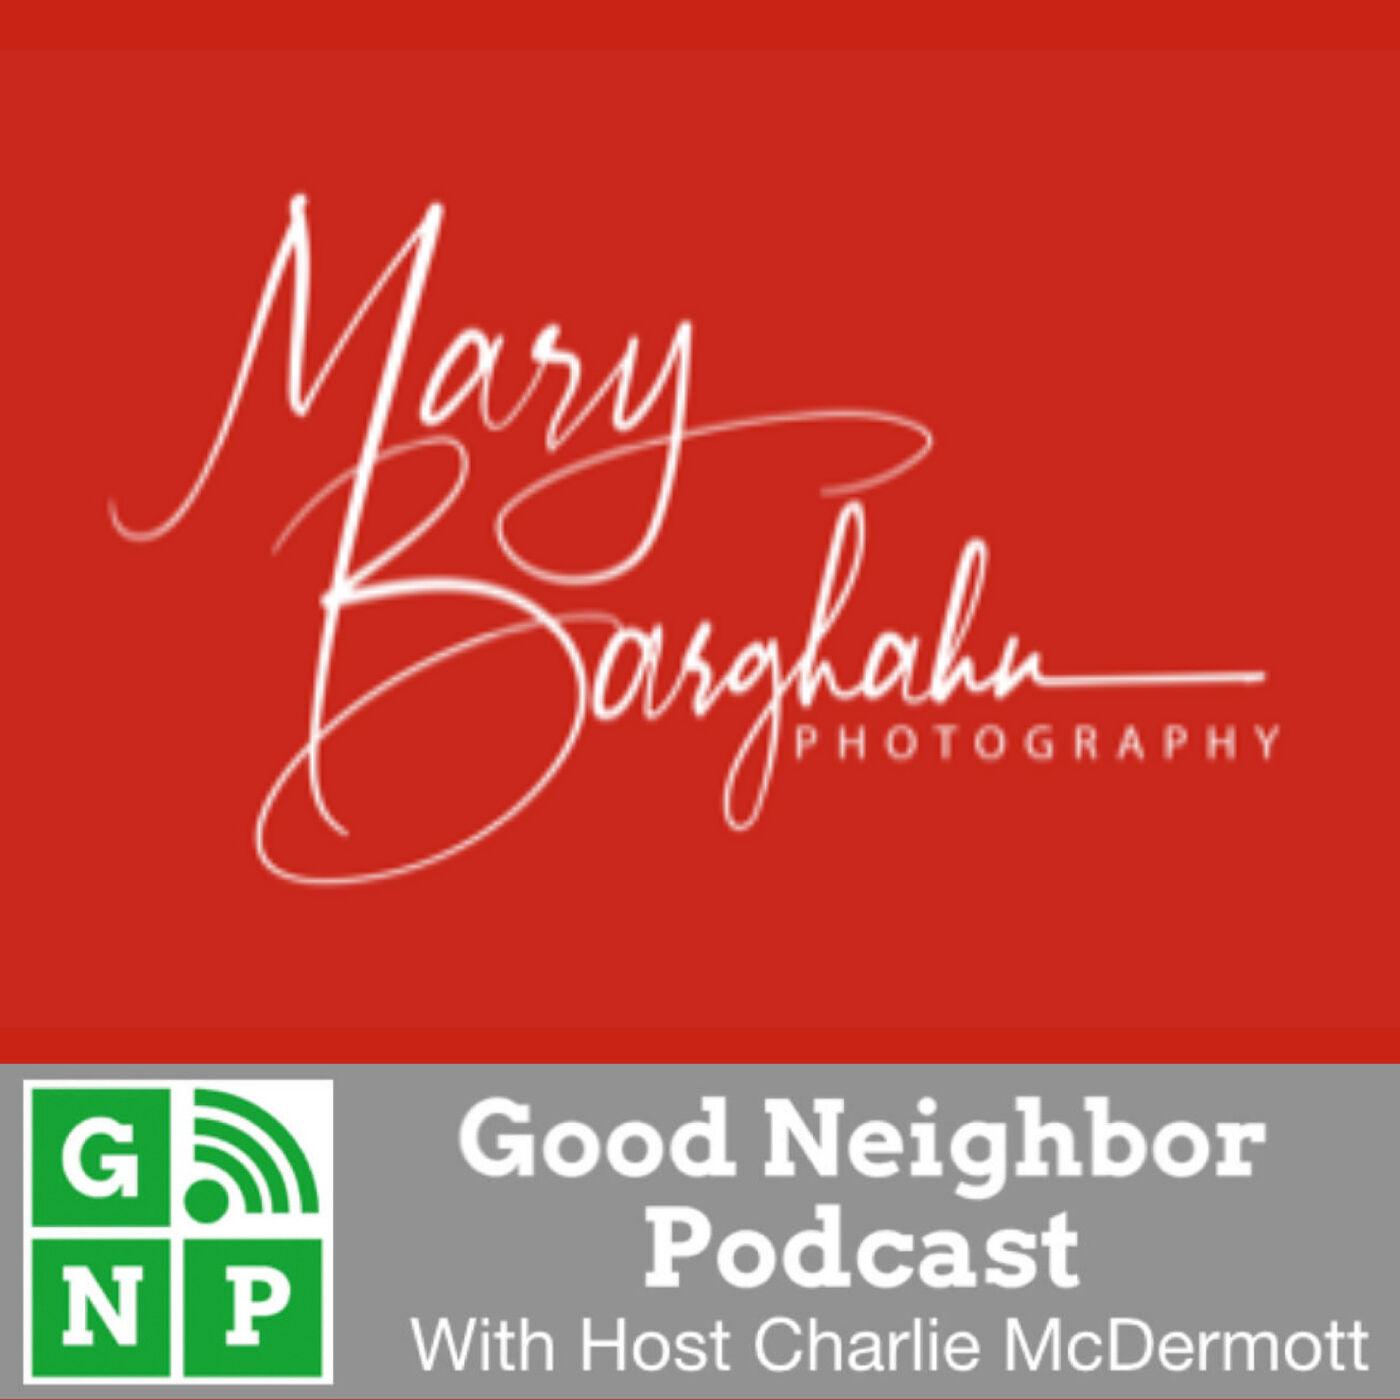 EP #444: Mary Barghahn Photography with Mary Barghahn